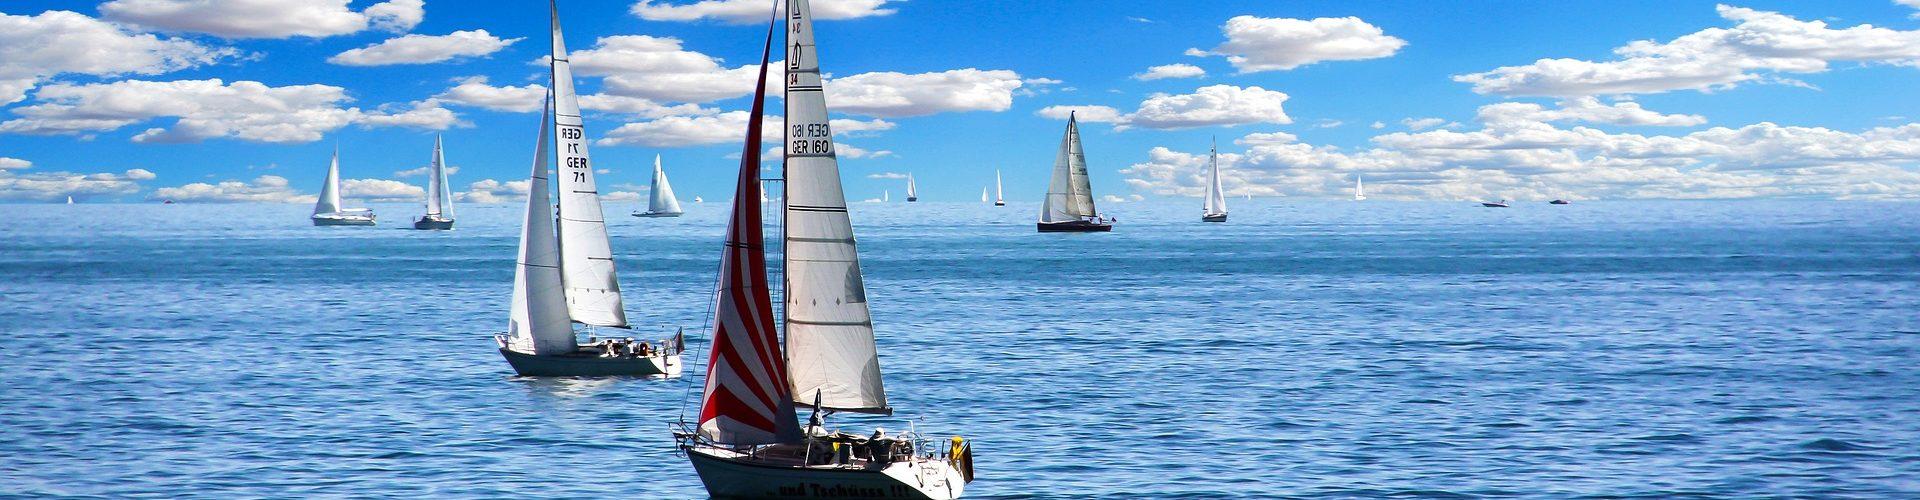 segeln lernen in Usingen segelschein machen in Usingen 1920x500 - Segeln lernen in Usingen